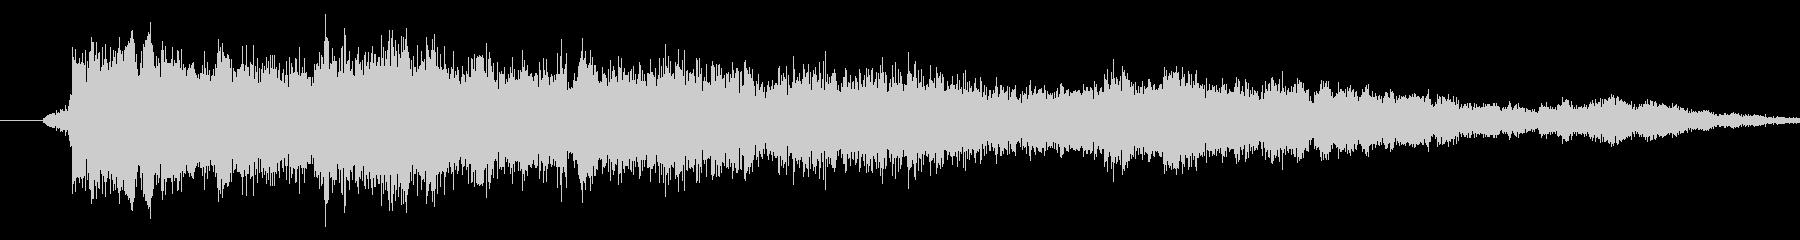 メニュー画面音(ウインドウ開閉など)01の未再生の波形